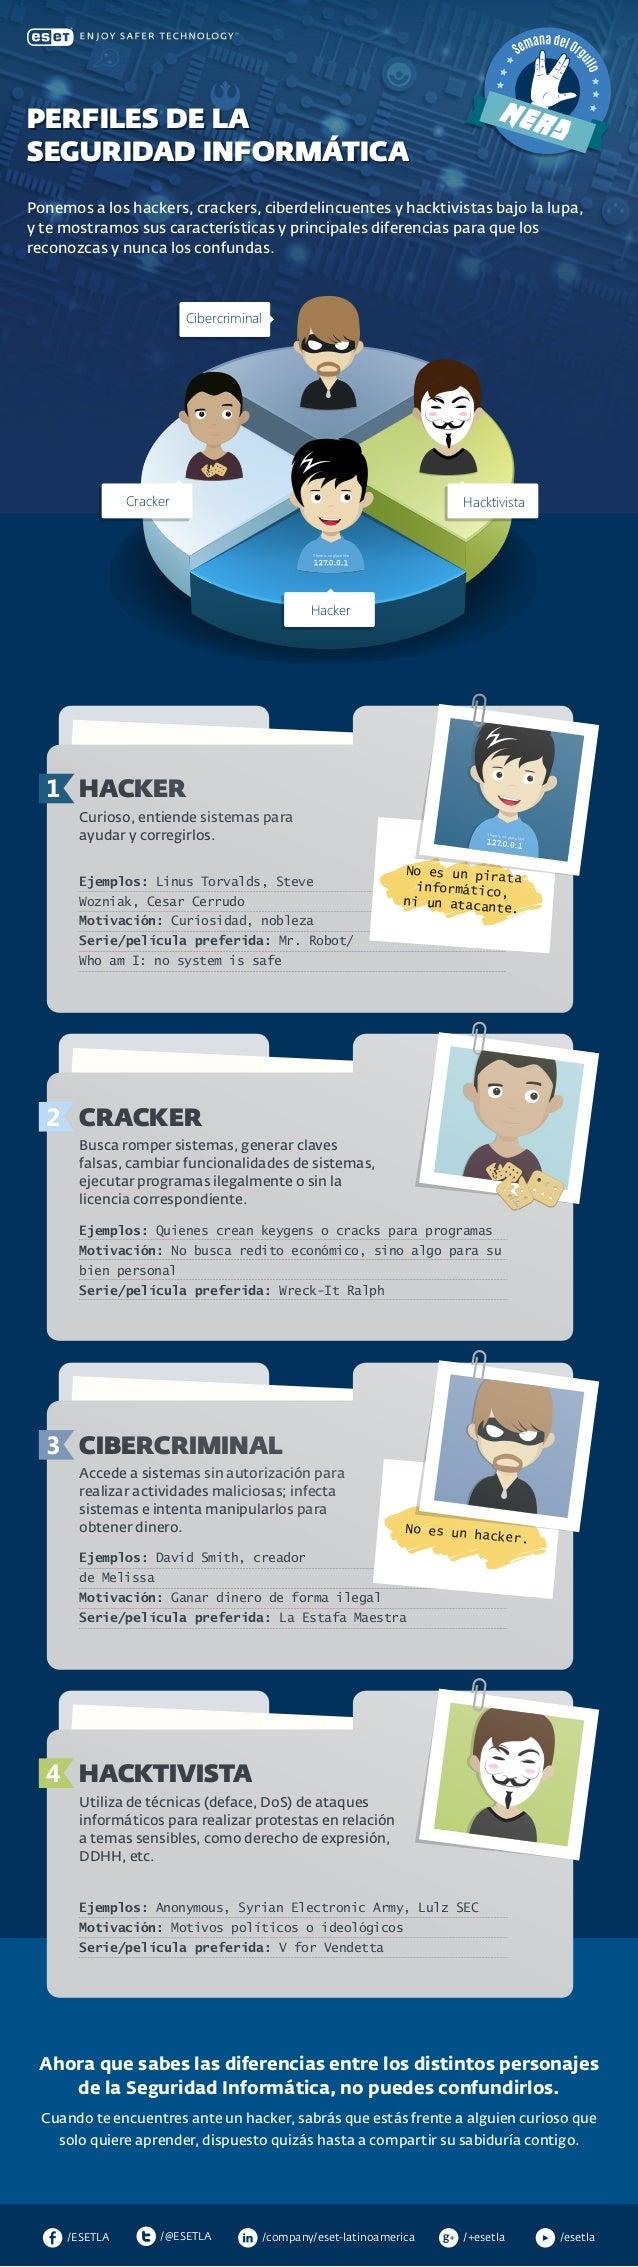 /company/eset-latinoamerica/@ESETLA/ESETLA /esetla/+esetla Ponemos a los hackers, crackers, ciberdelincuentes y hacktivist...